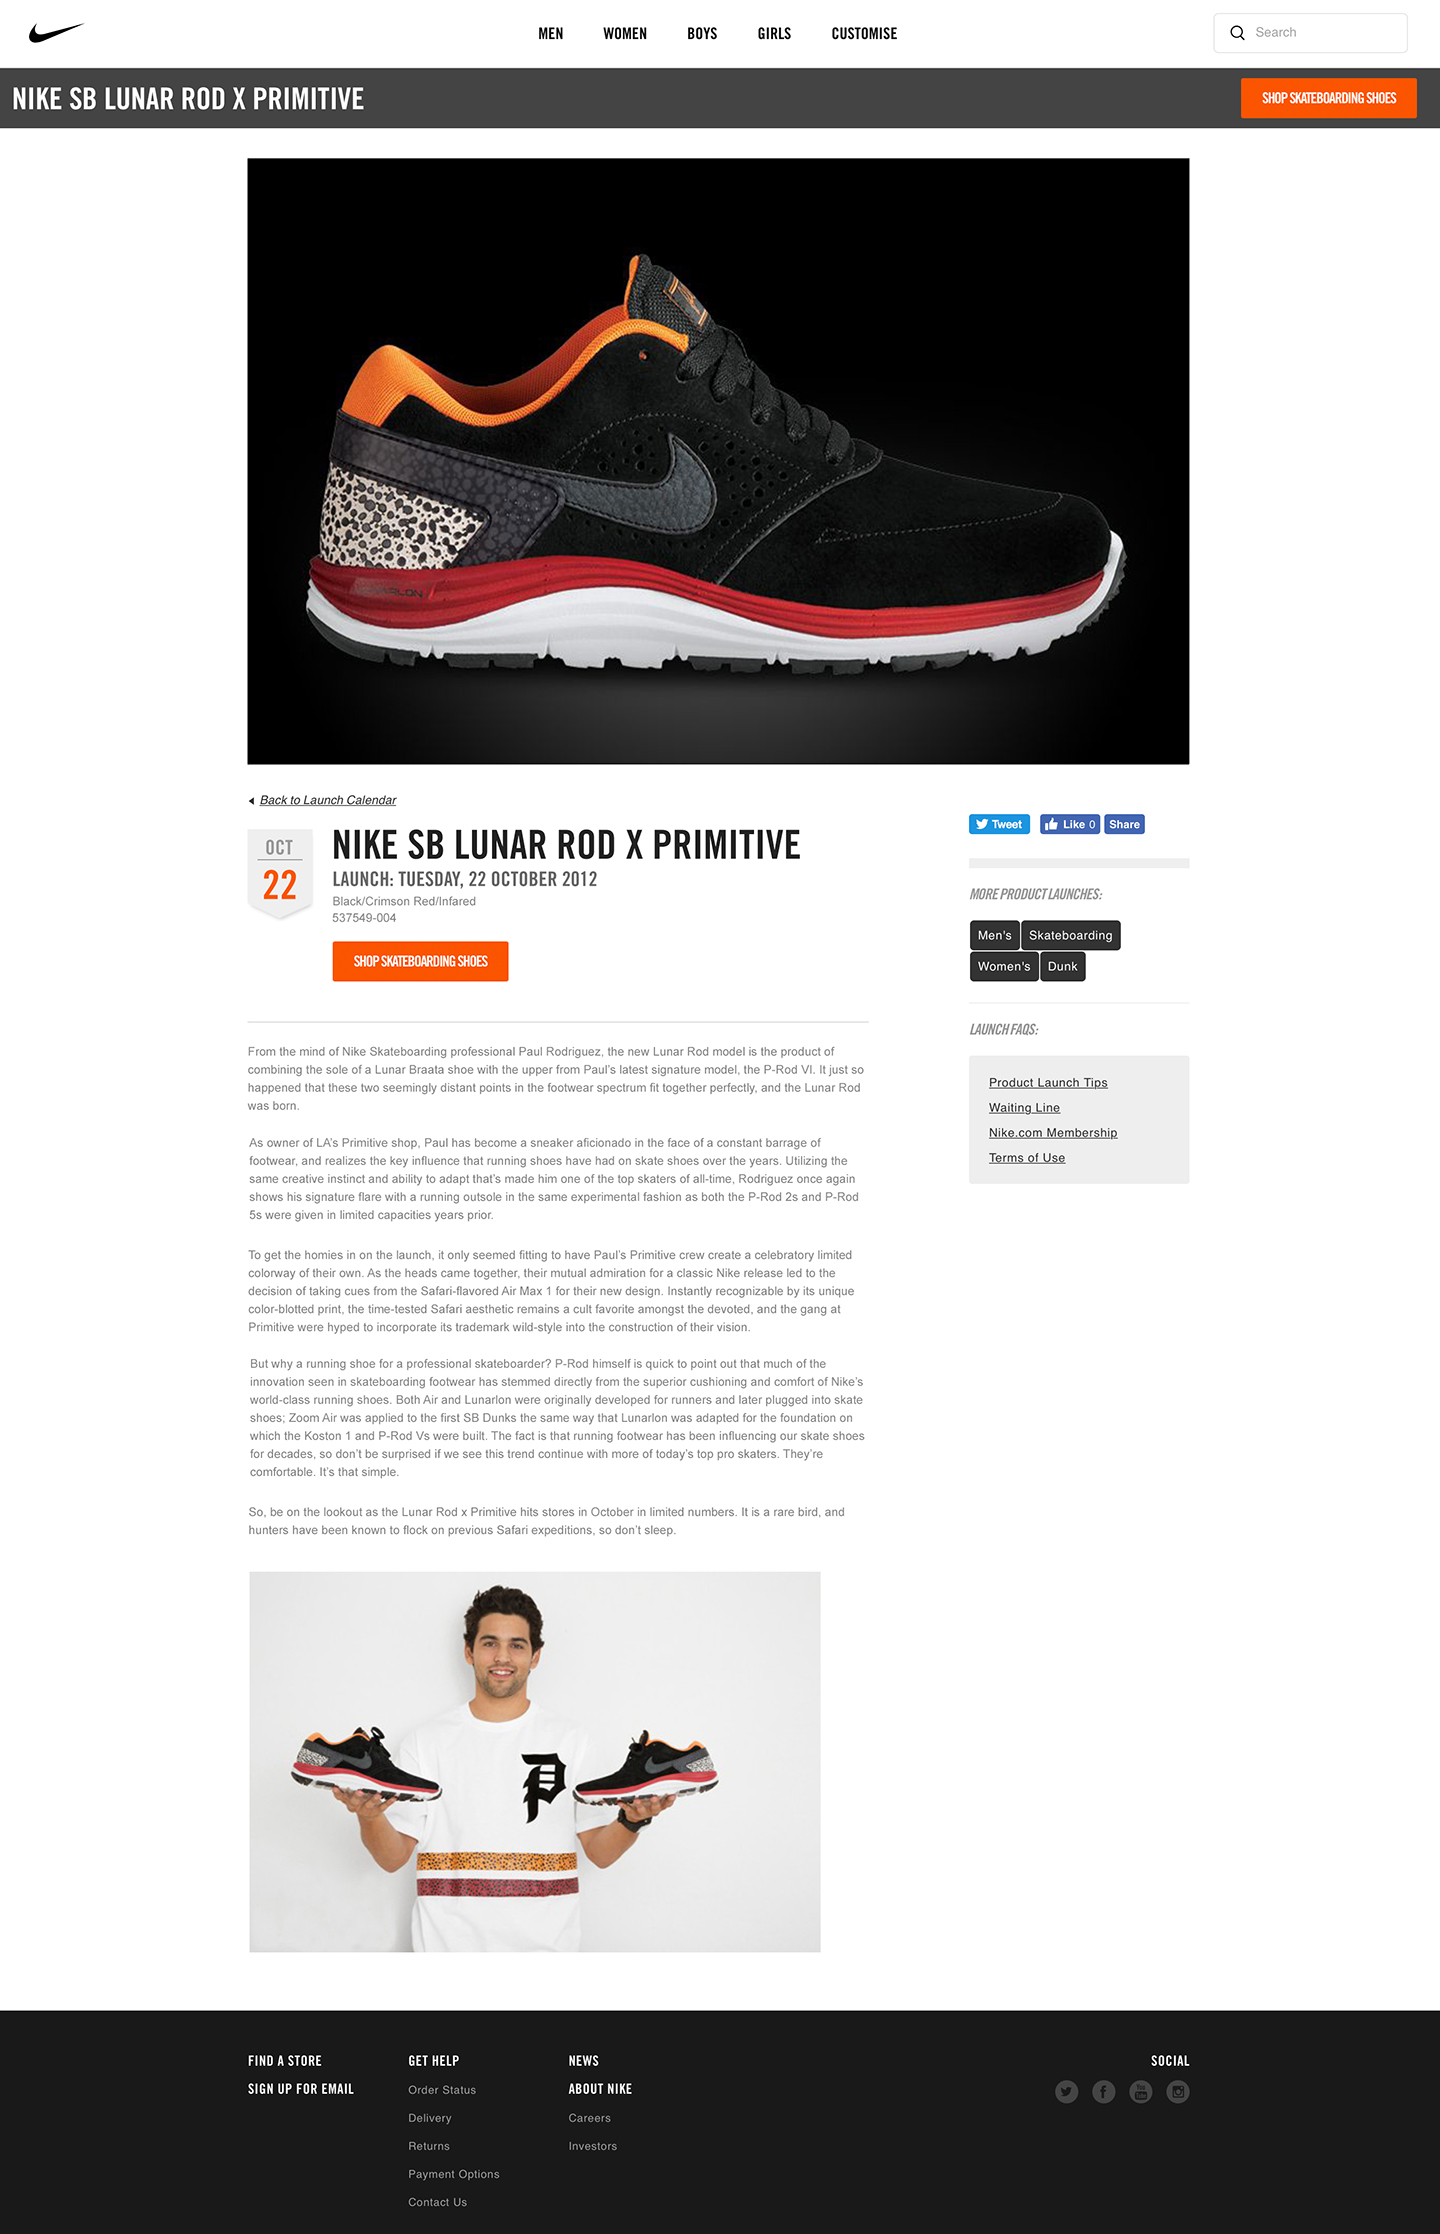 498126a161ff Copywriting — Eric Swisher - Digital Marketing   Copy